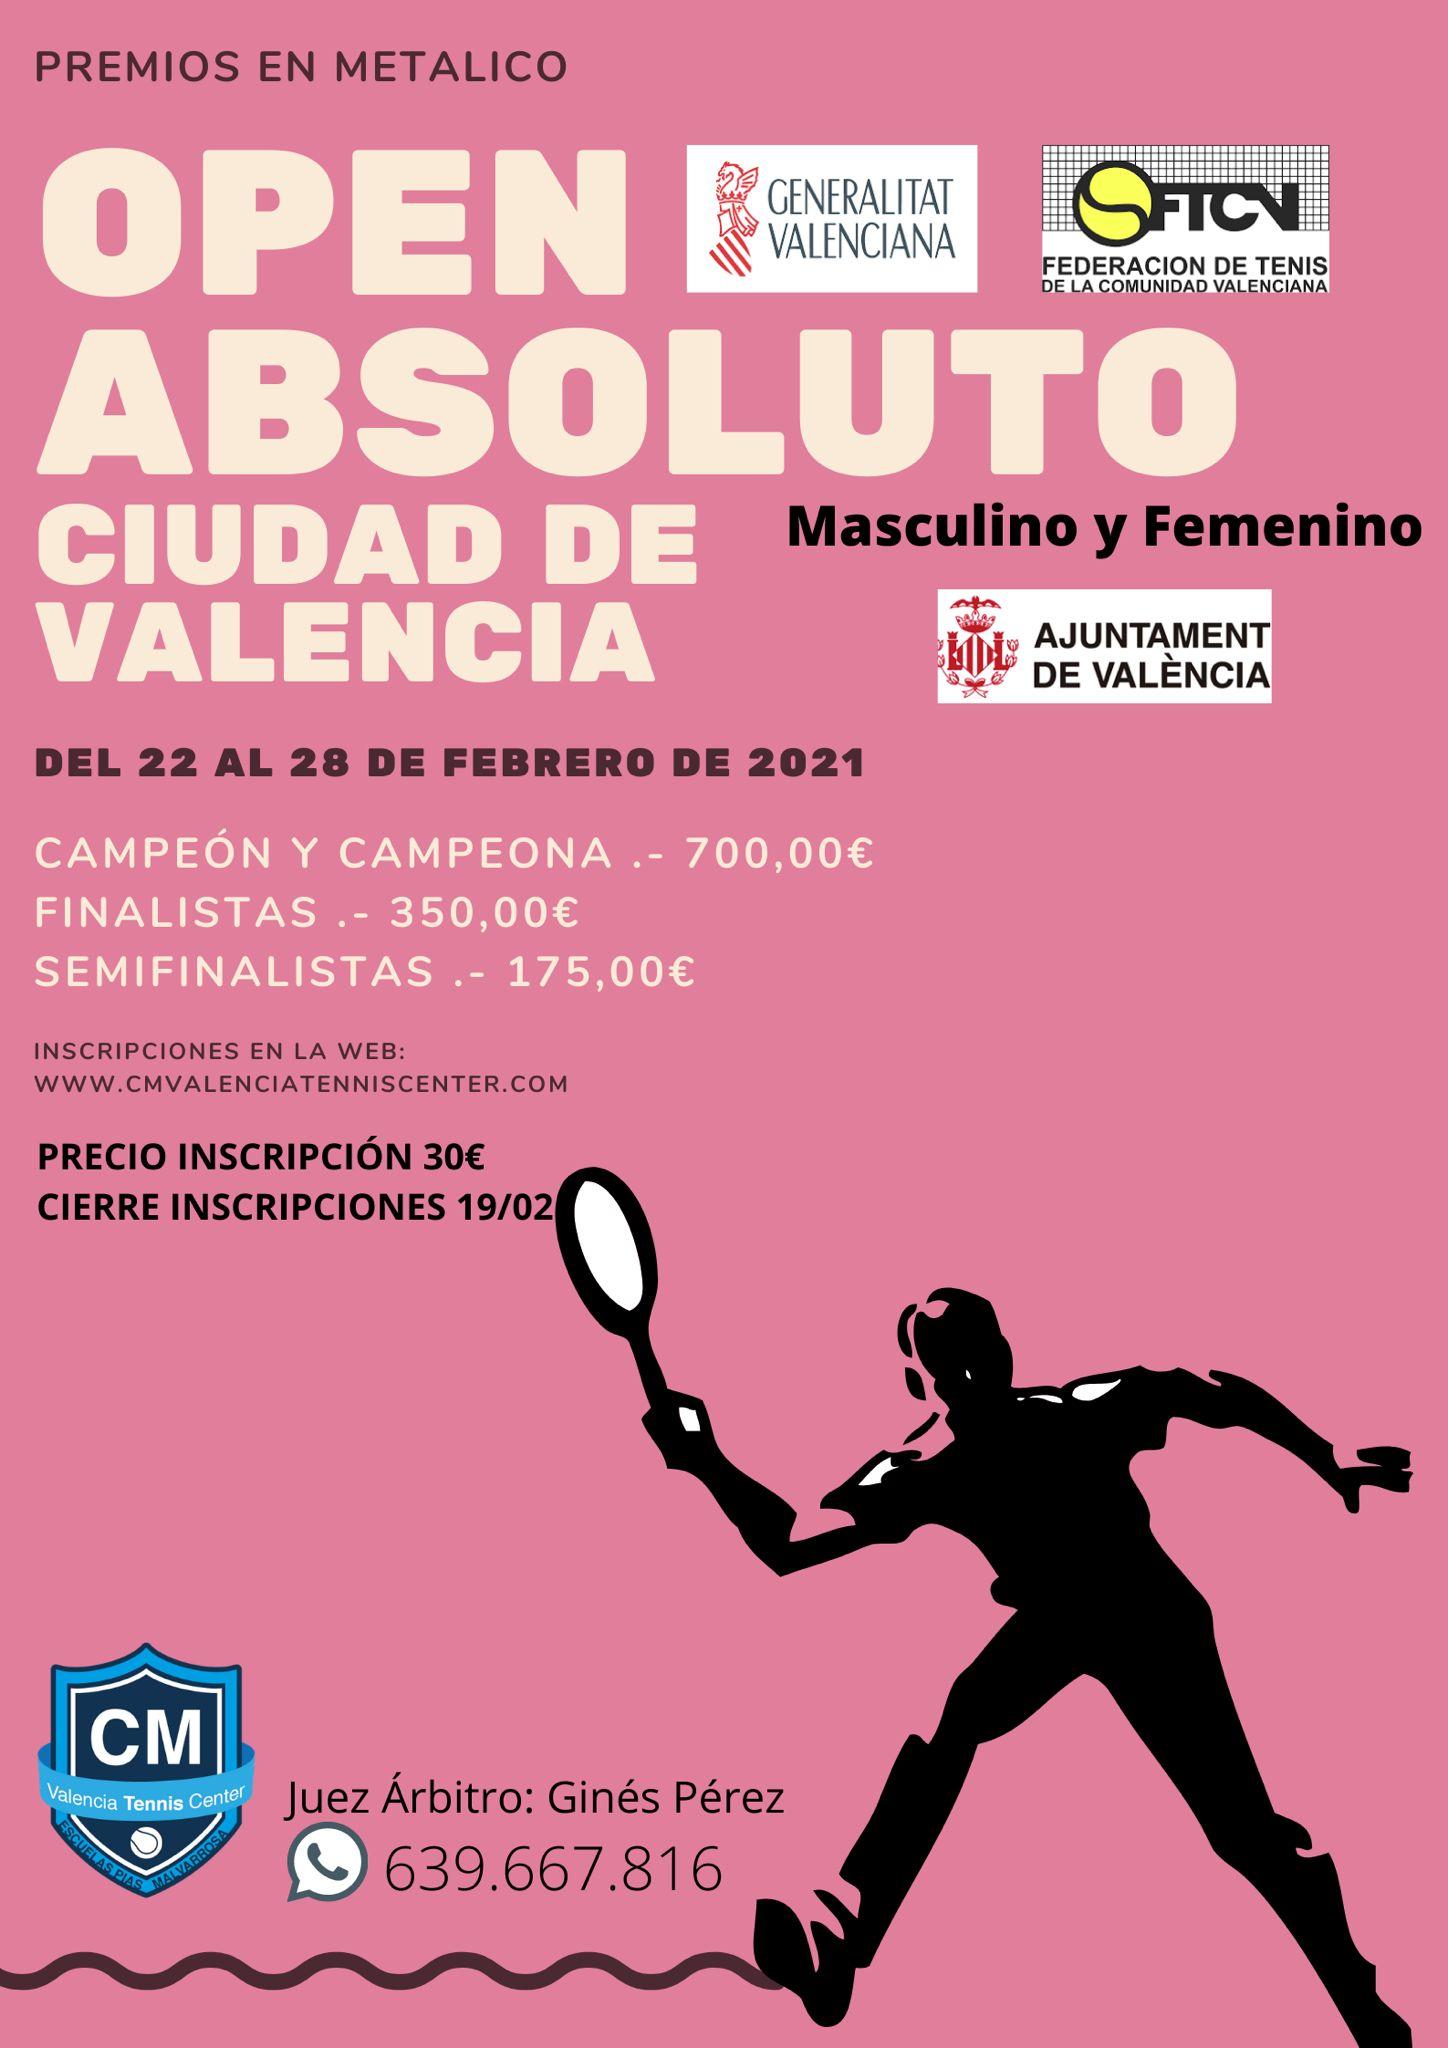 Open Absoluto Ciudad de Valencia 1